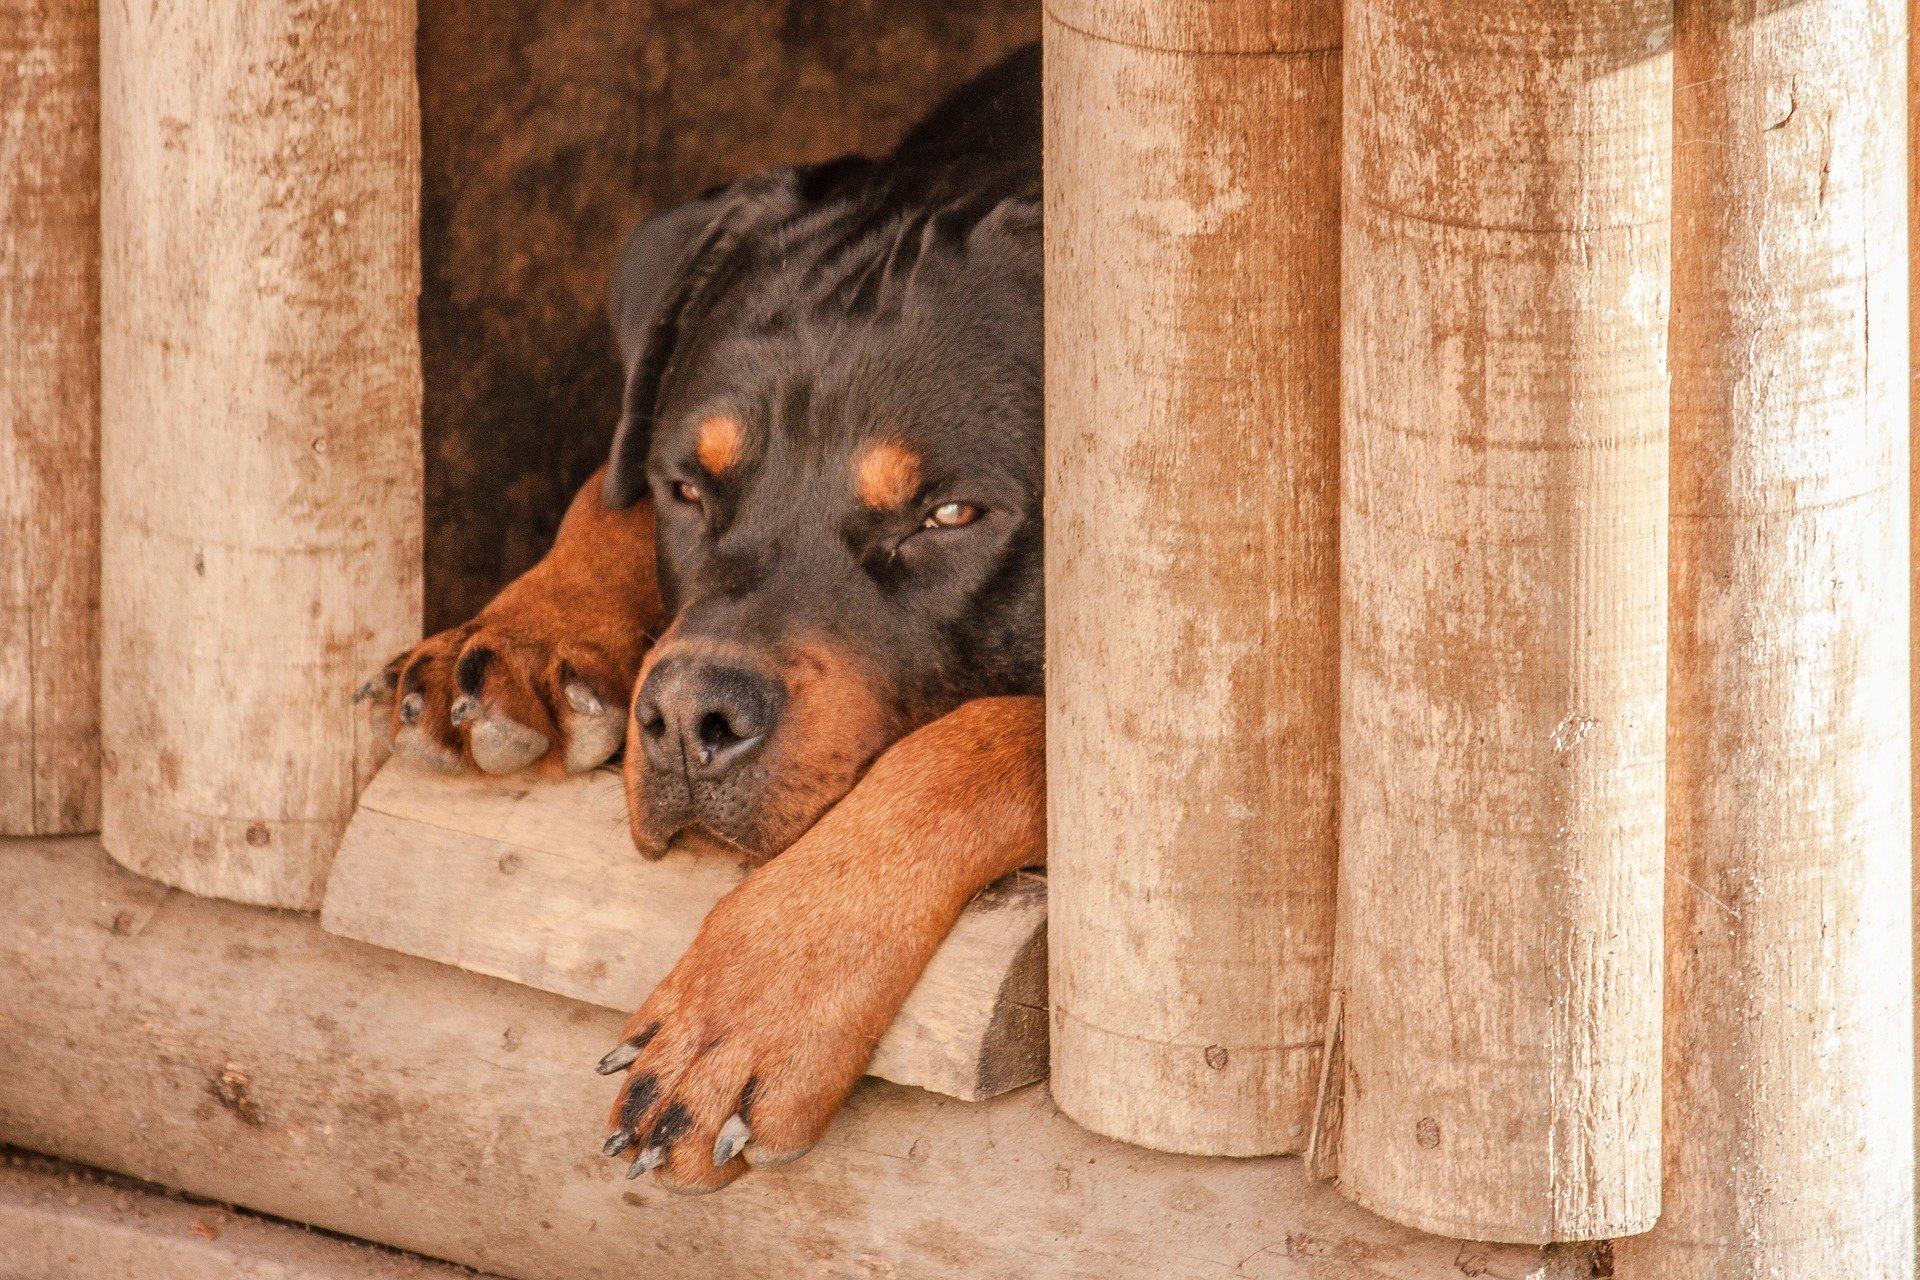 Cuccia cane fai da te: ecco una guida per realizzarla